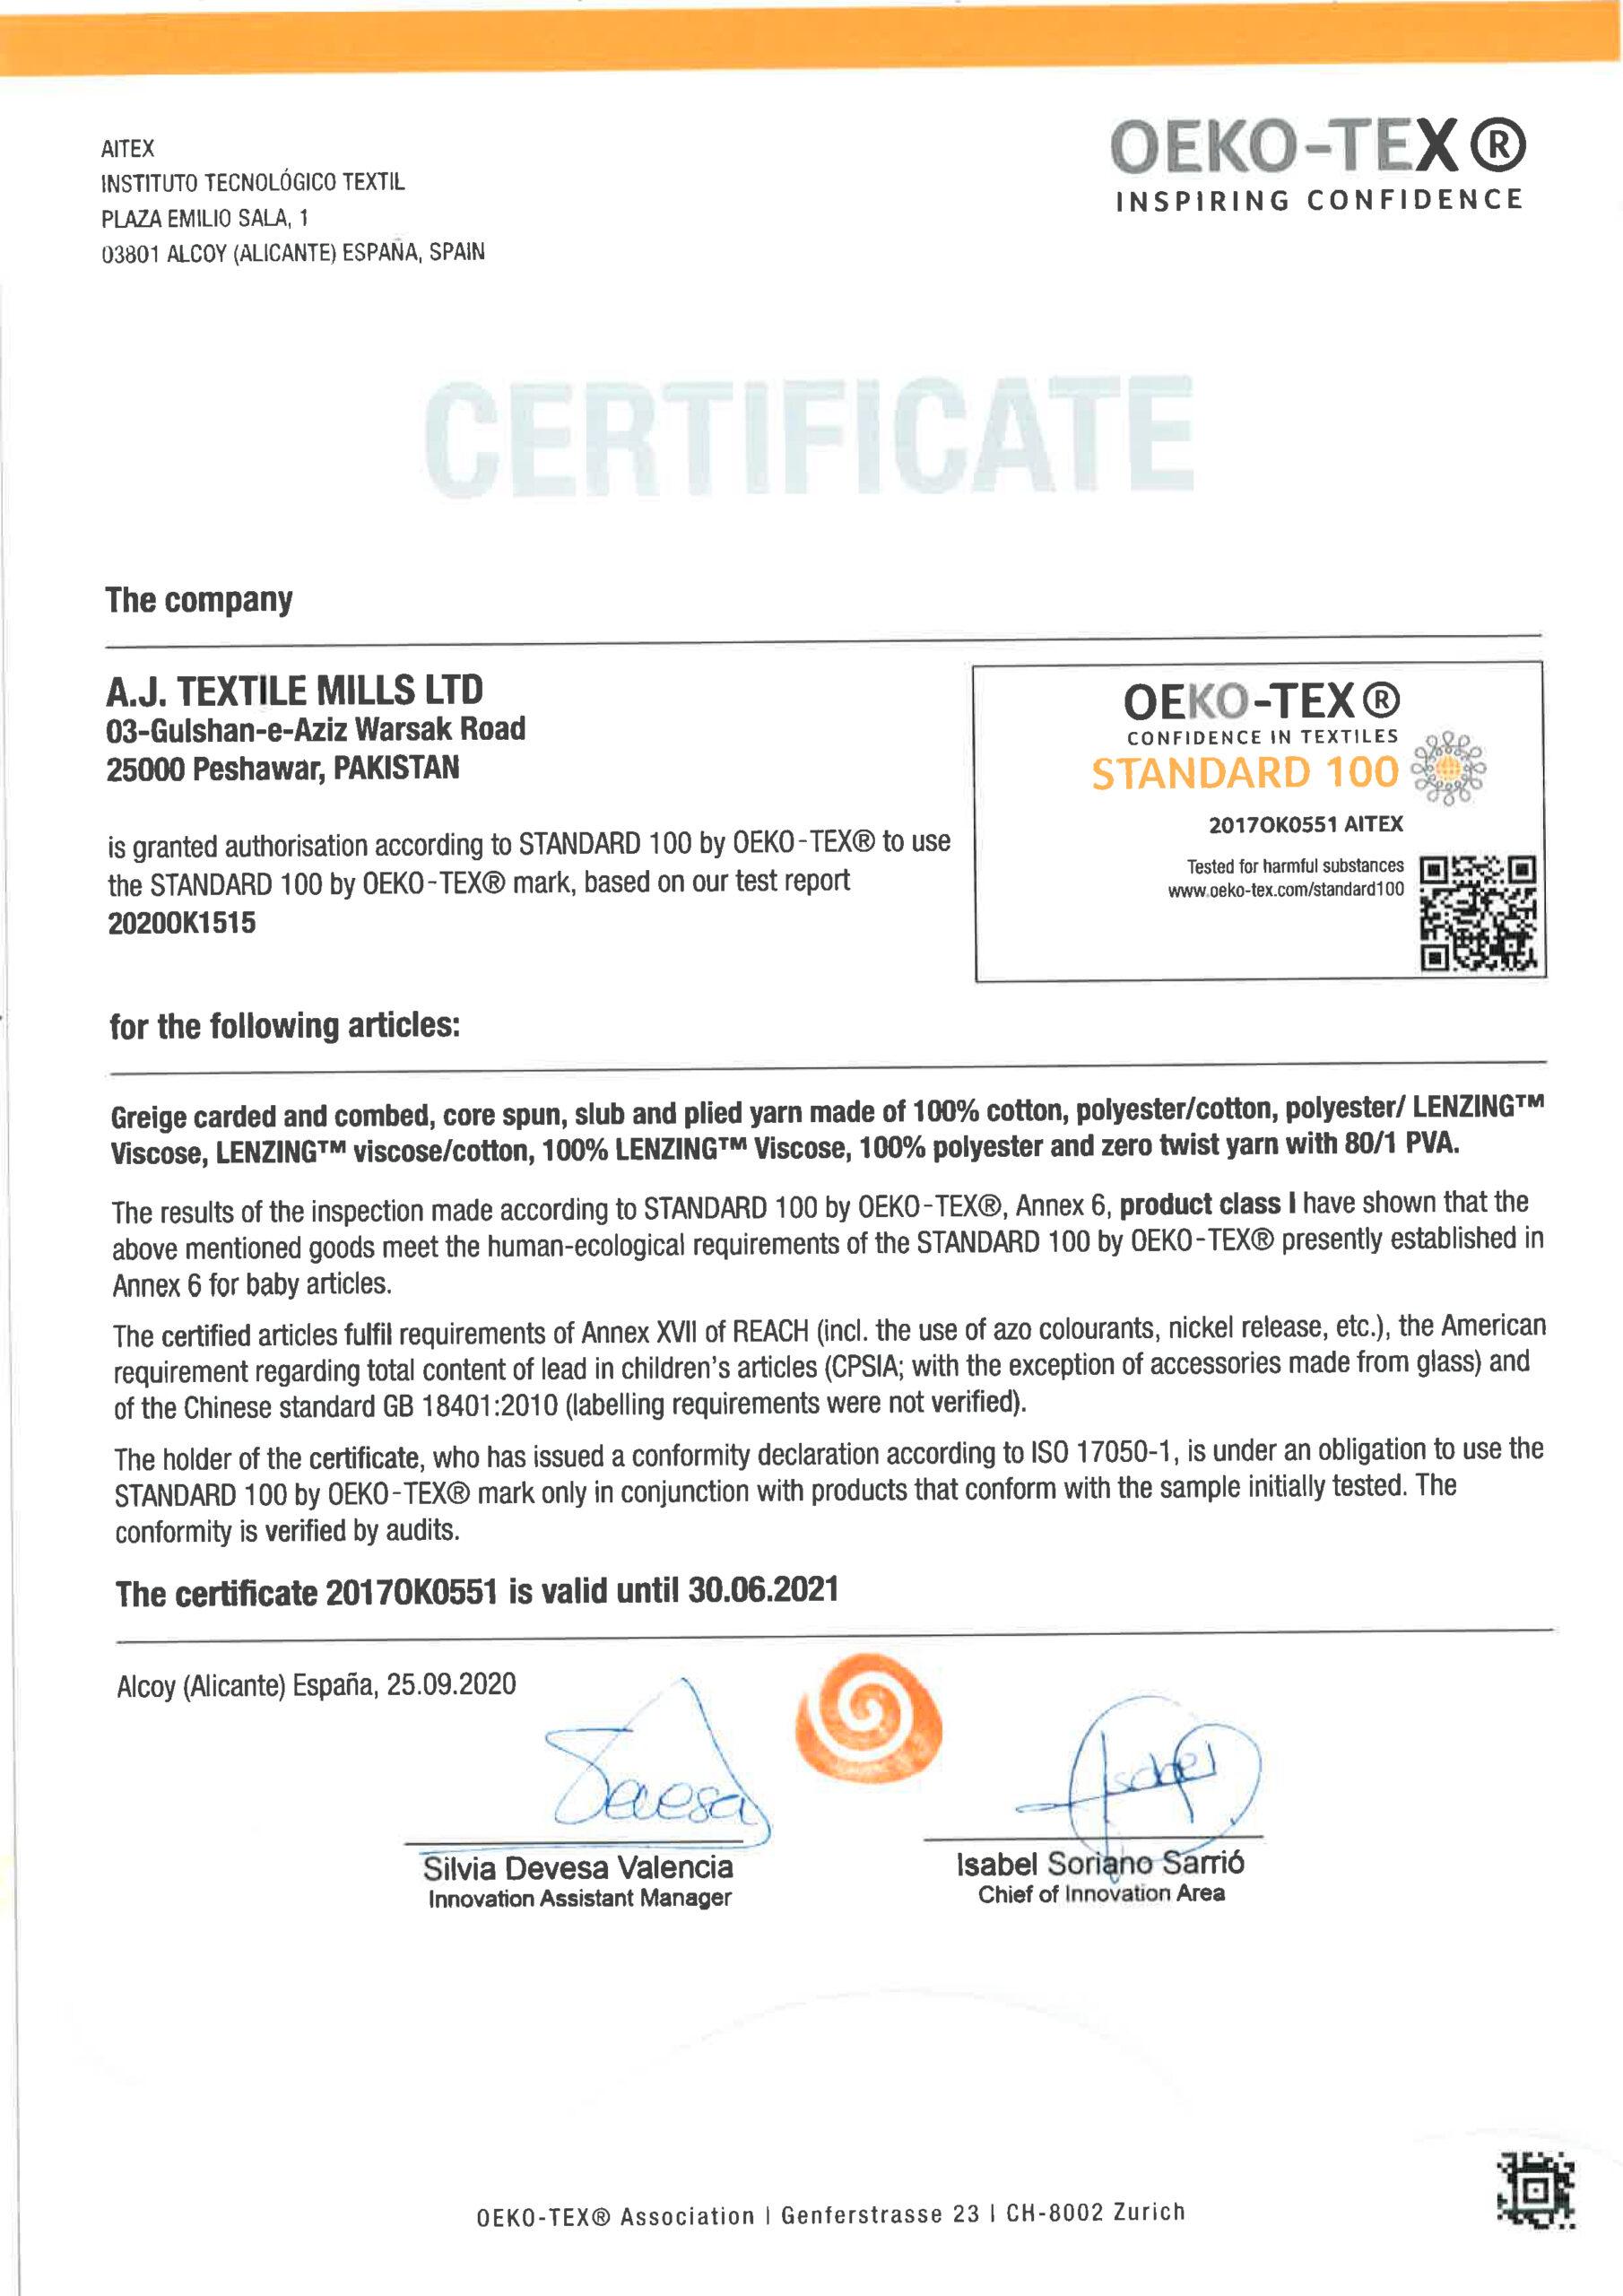 Oekotex 2021 A.J. TEXTILE MILLS LTD